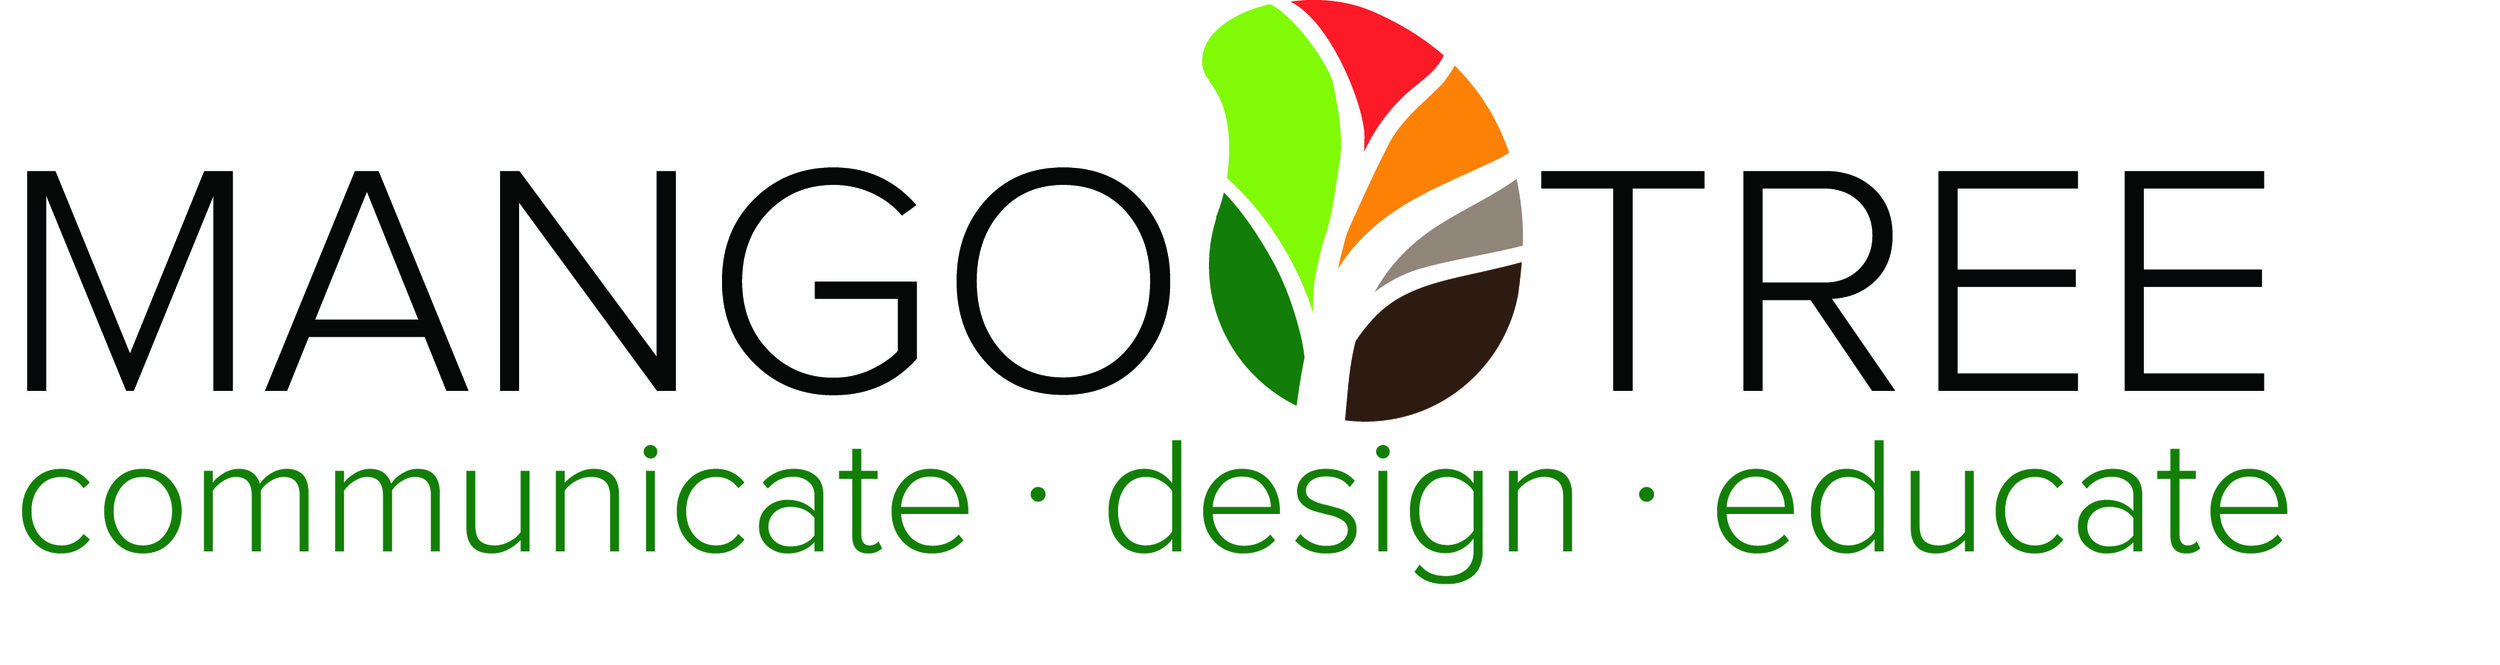 MT logo new_CMYK - Monica Kansiime.jpg